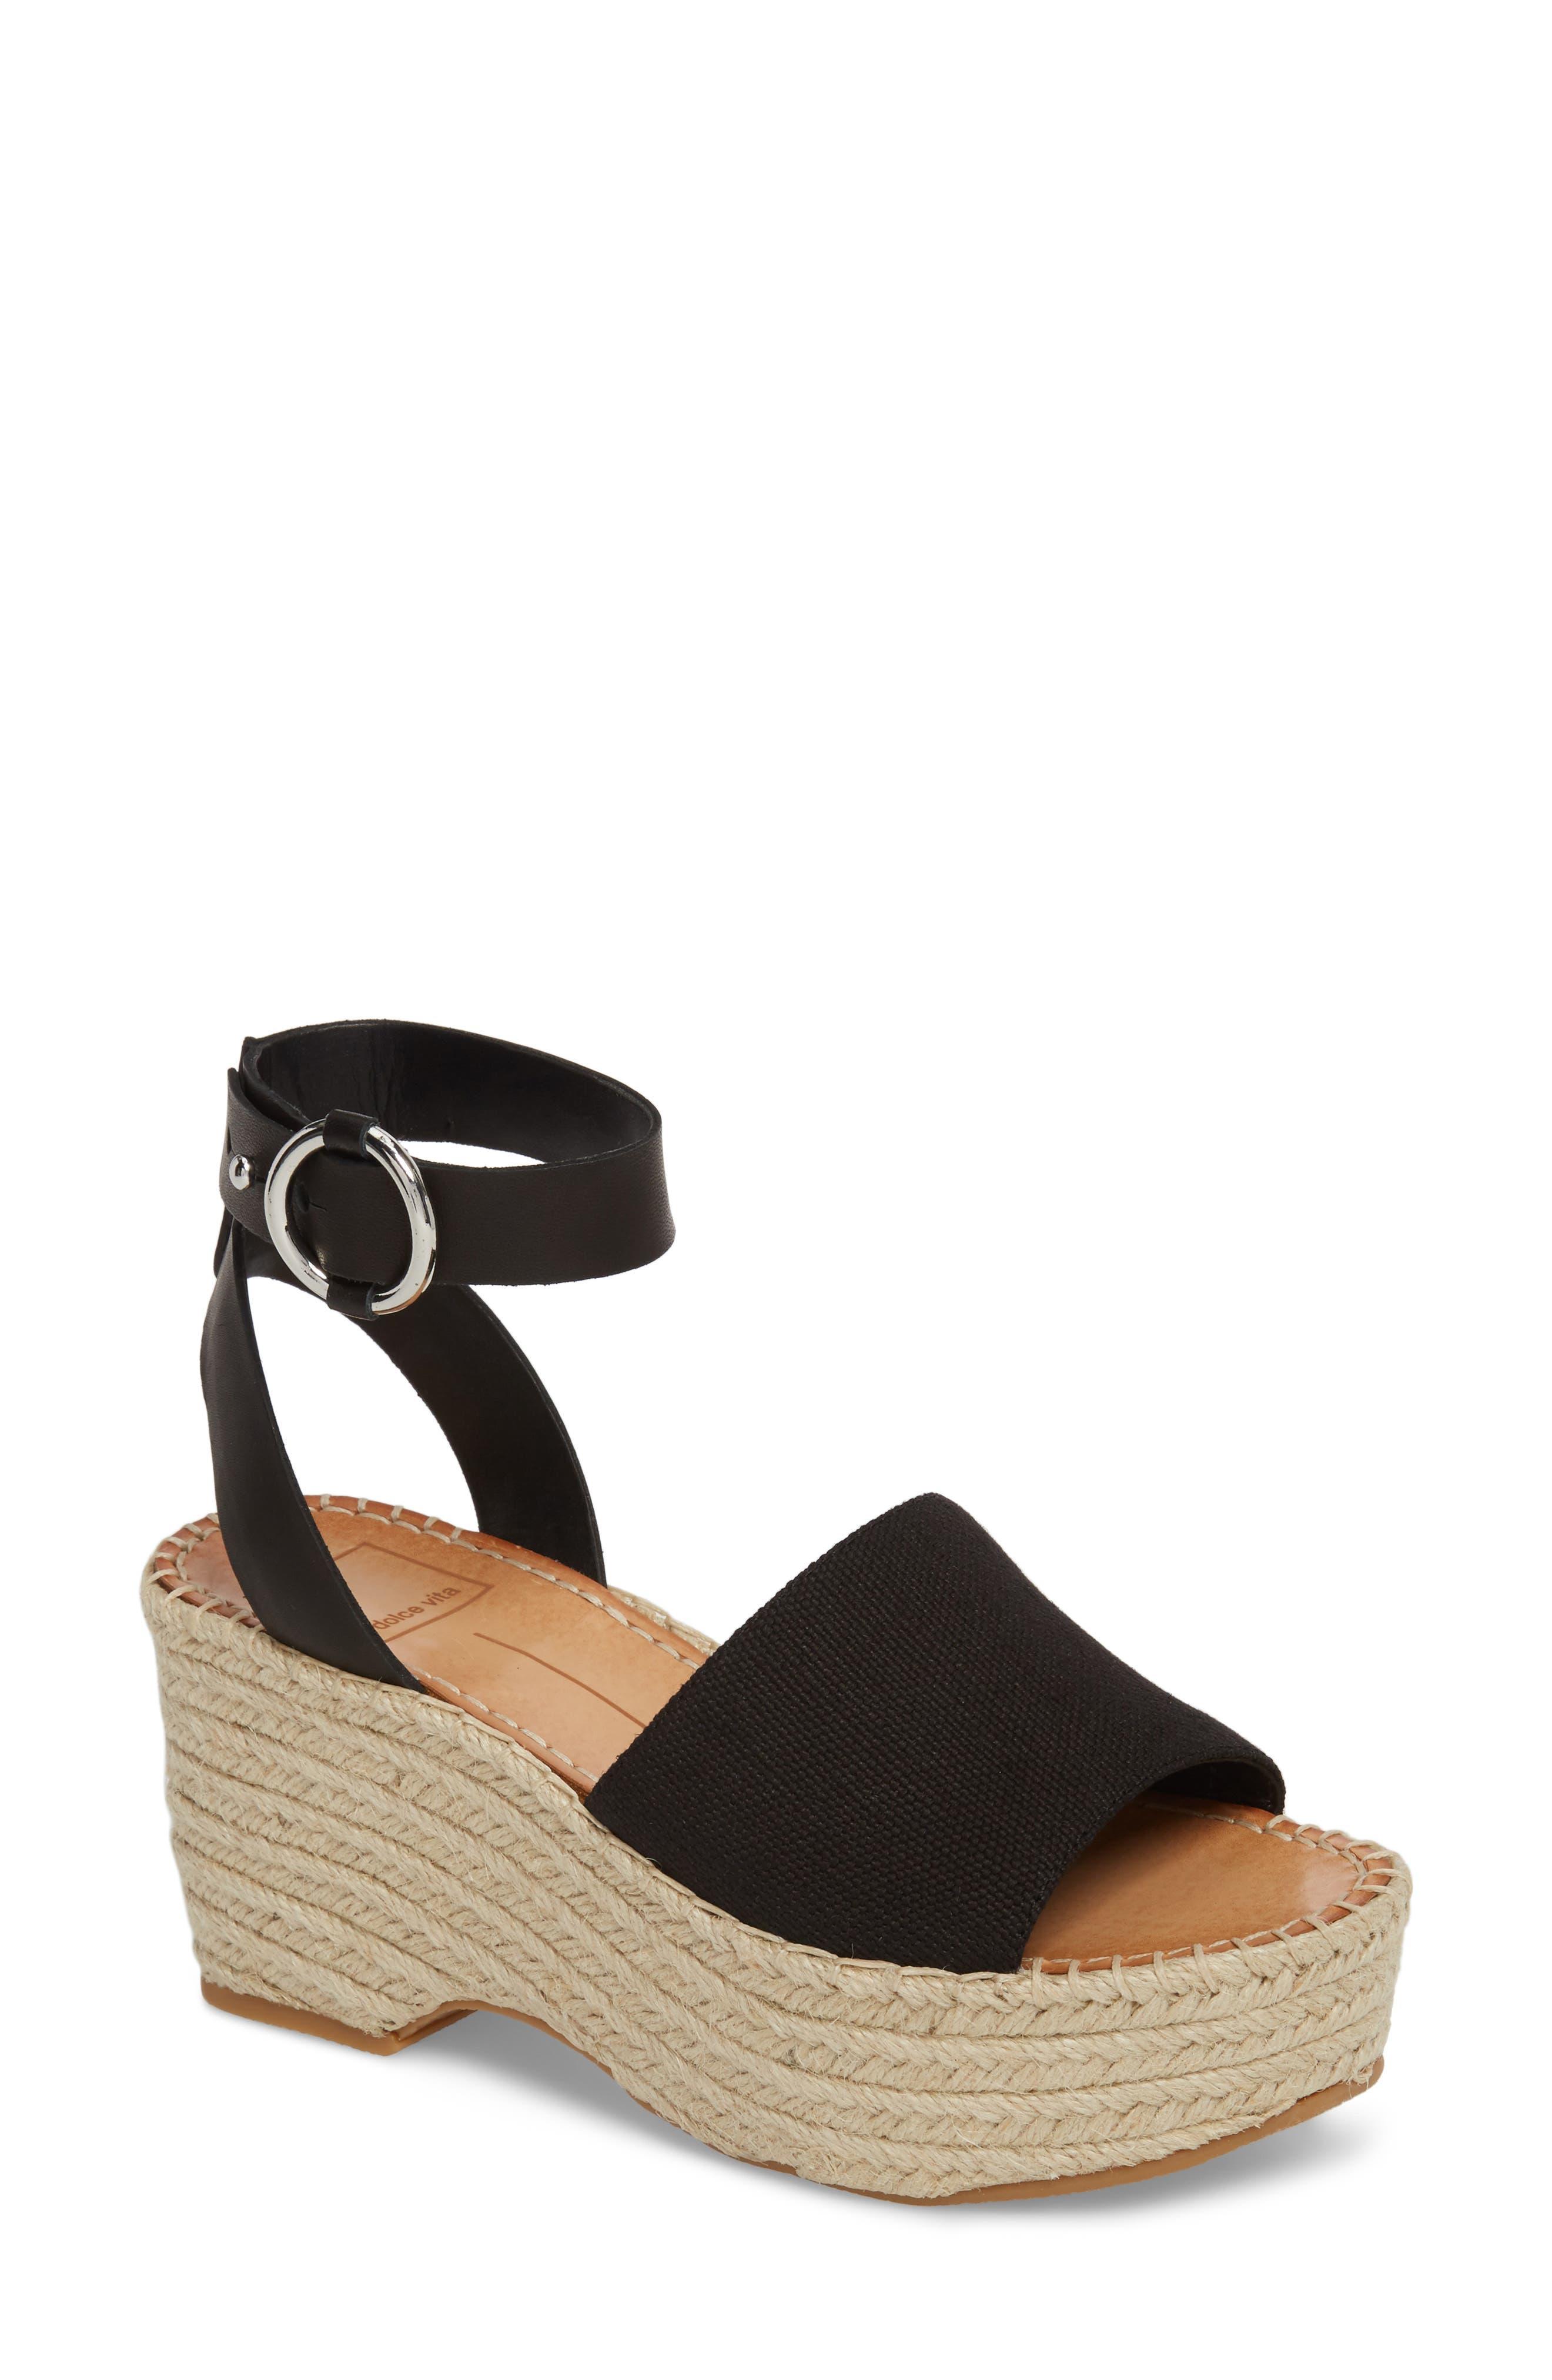 DOLCE VITA Lesly Espadrille Platform Sandal, Main, color, 001